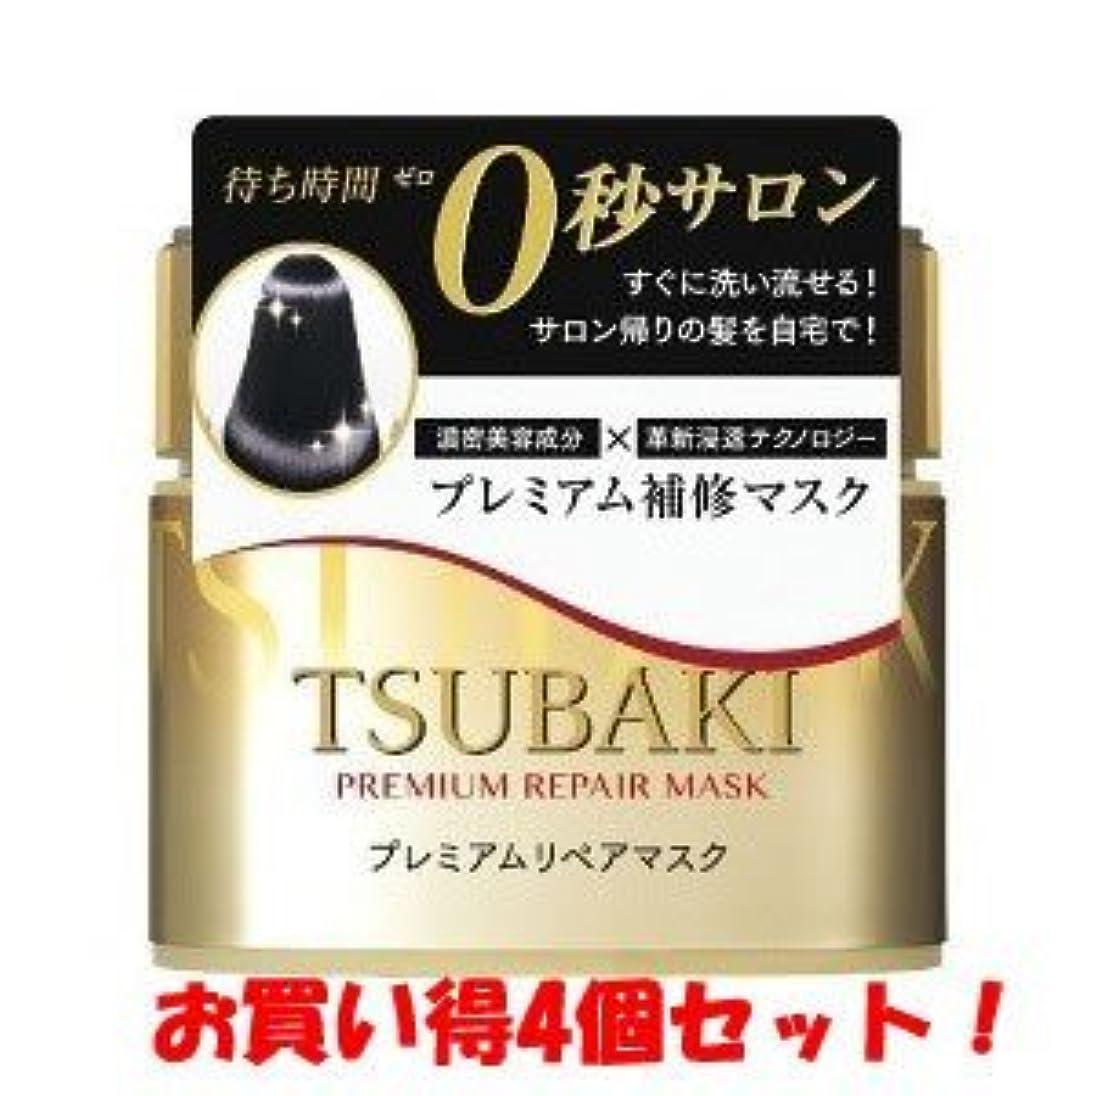 繁雑差し引く均等に(2017年の新商品)(資生堂)ツバキ(TSUBAKI) プレミアムリペアマスク 180g(お買い得4個セット)